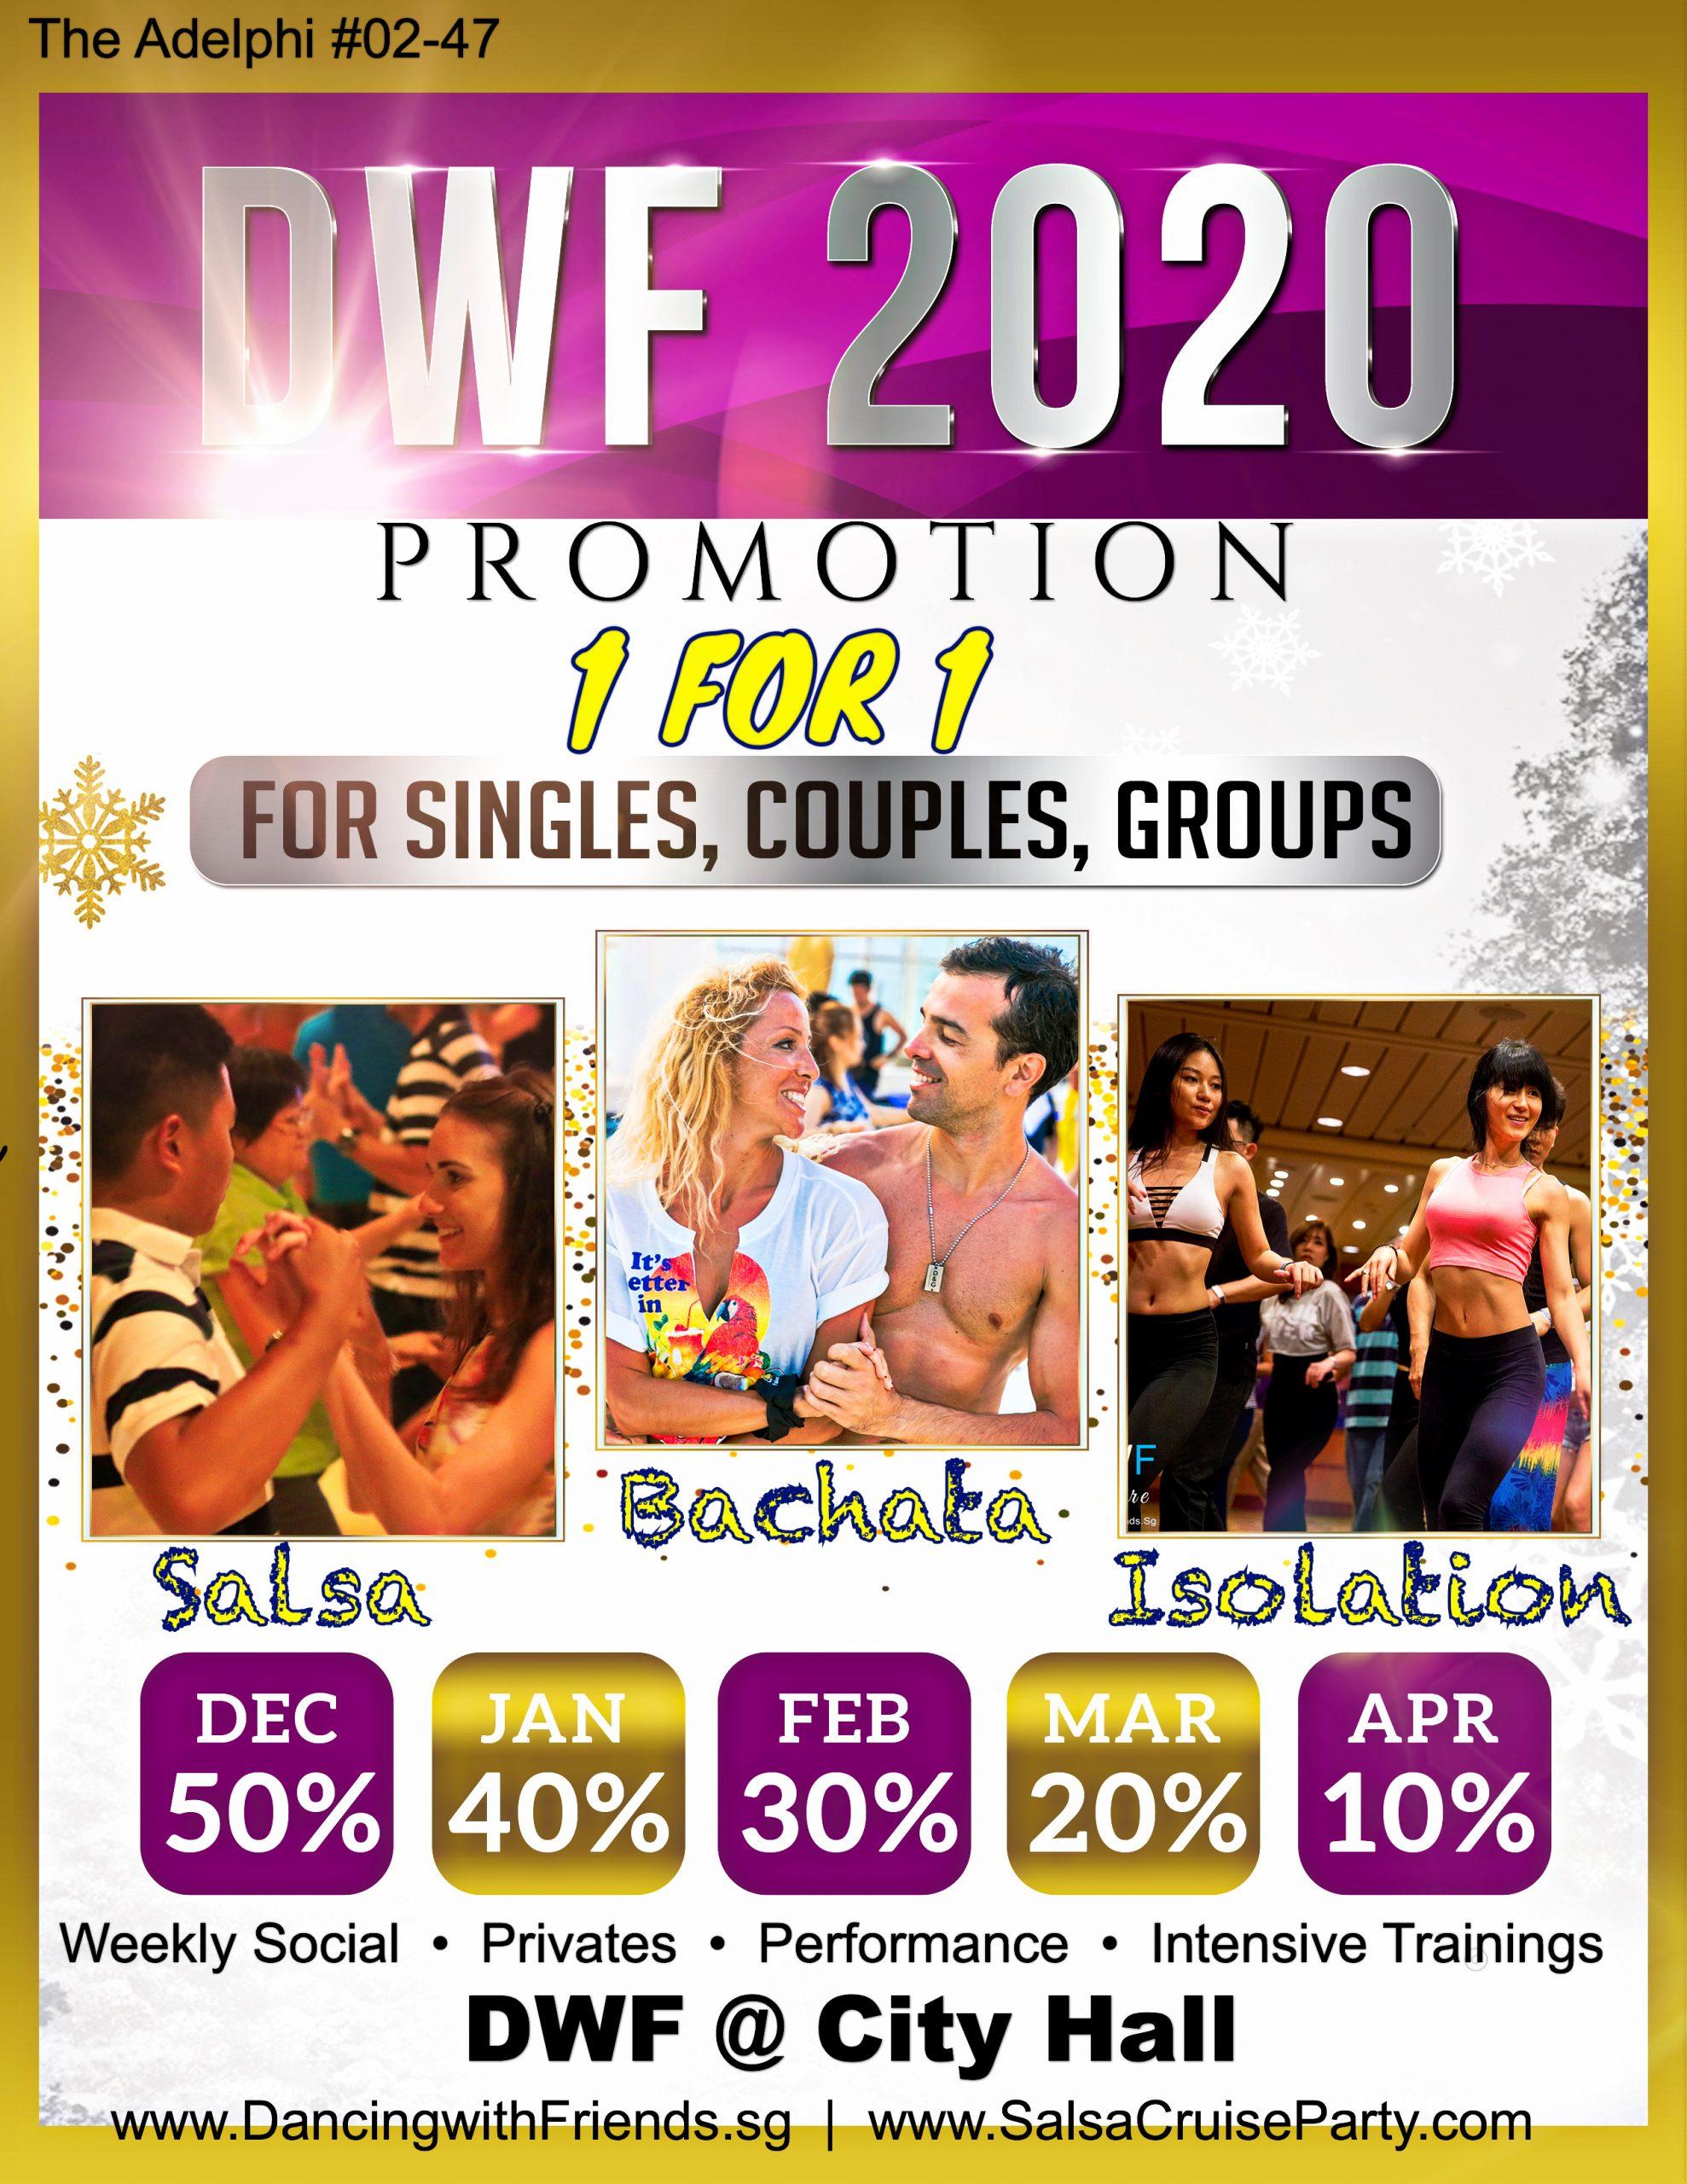 DWF-2020-(2)-1